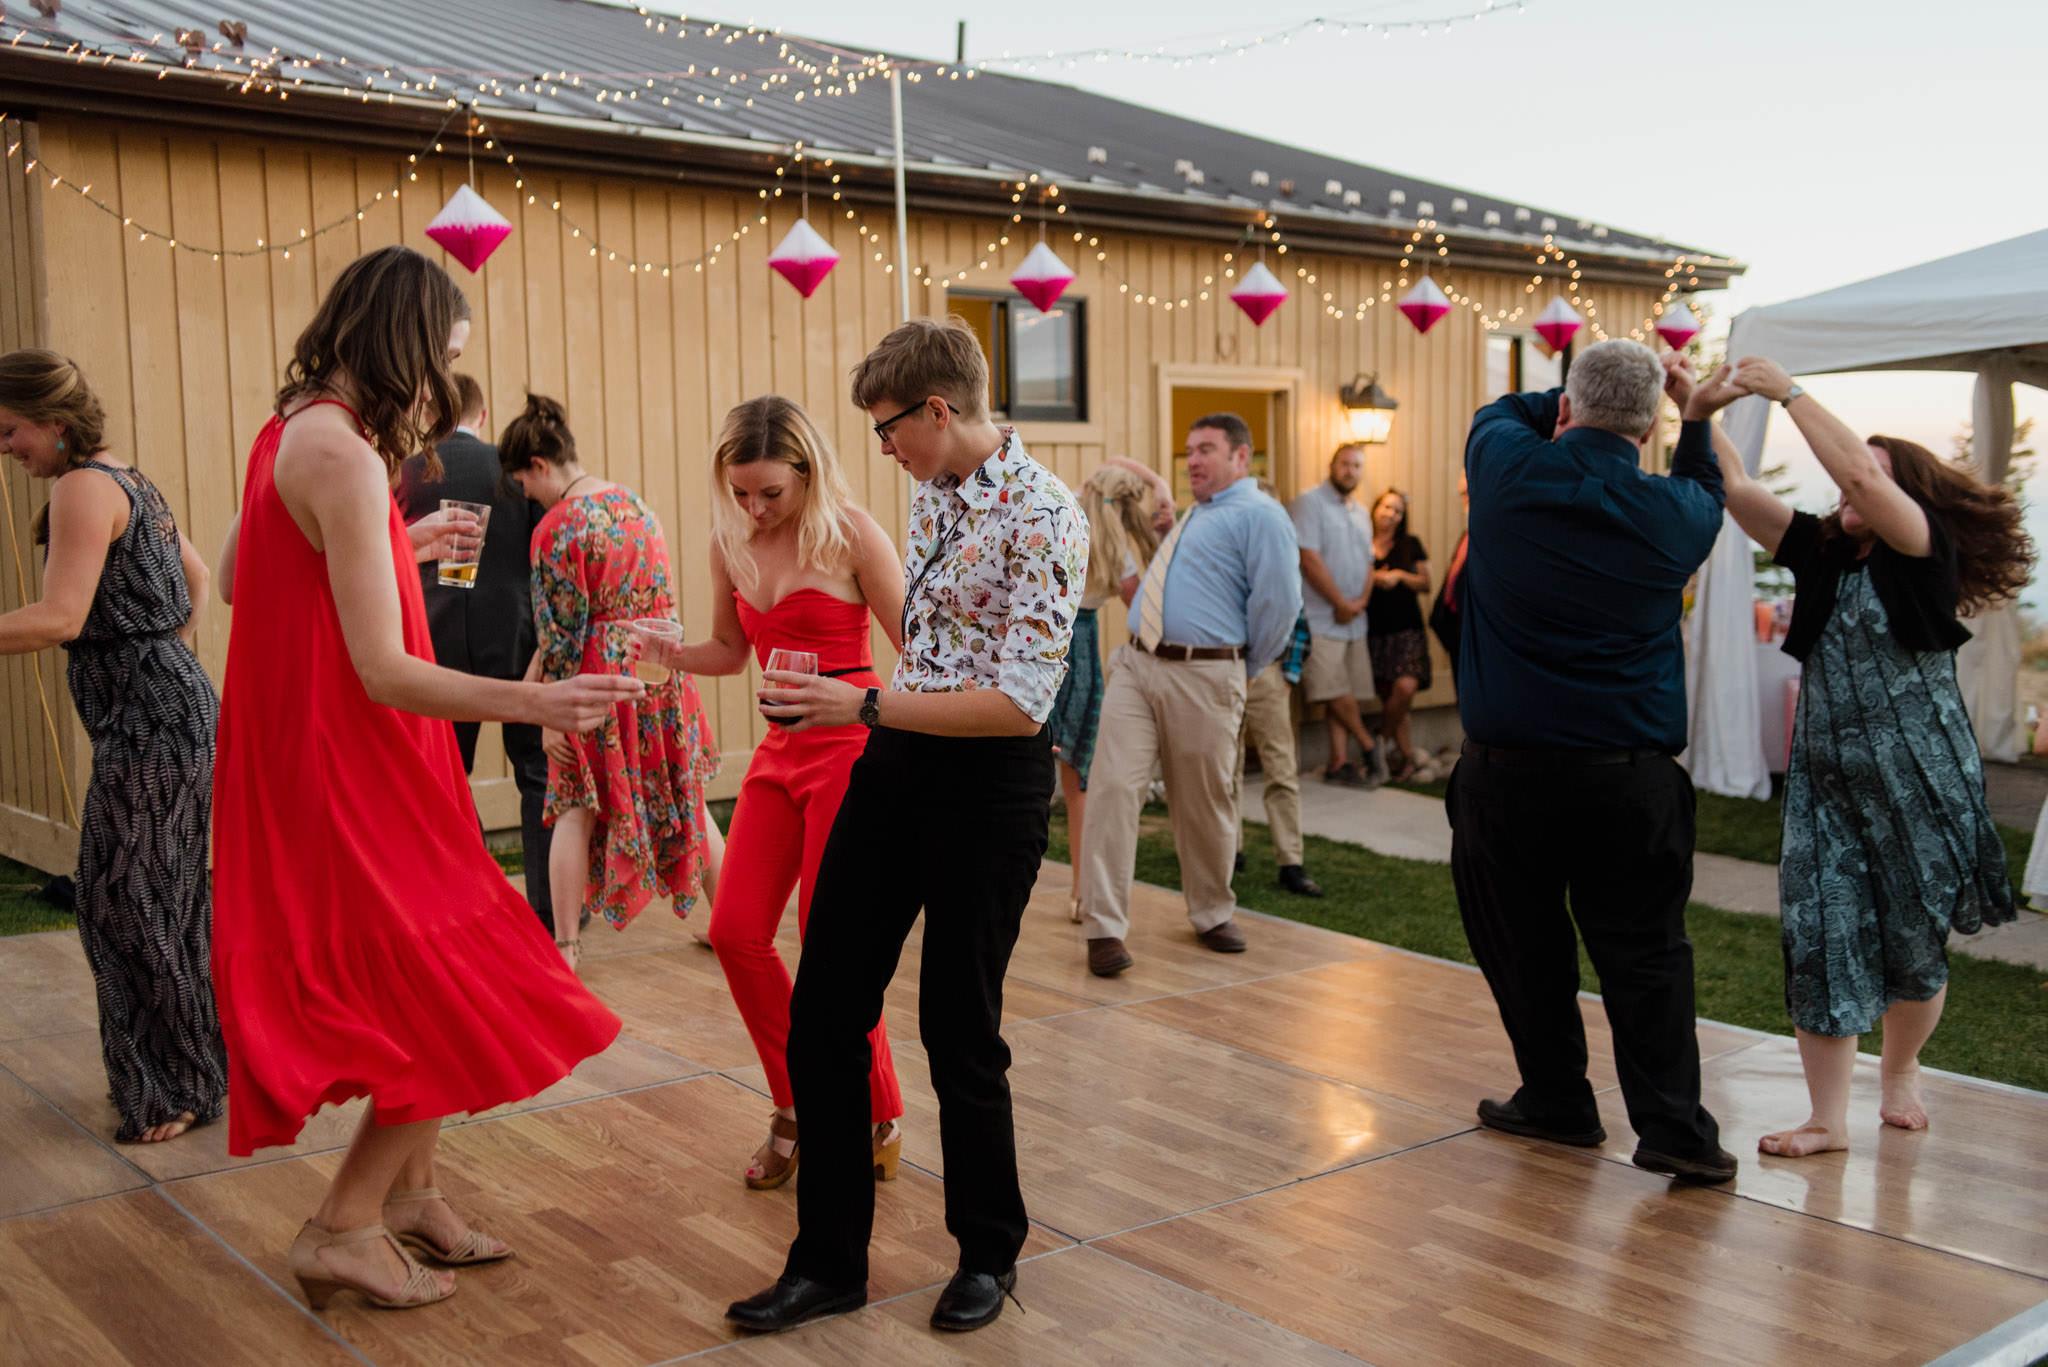 Zilla Photography - Bogus Basin Idaho Dancing Outdoor Summer DIY Wedding-19.jpg